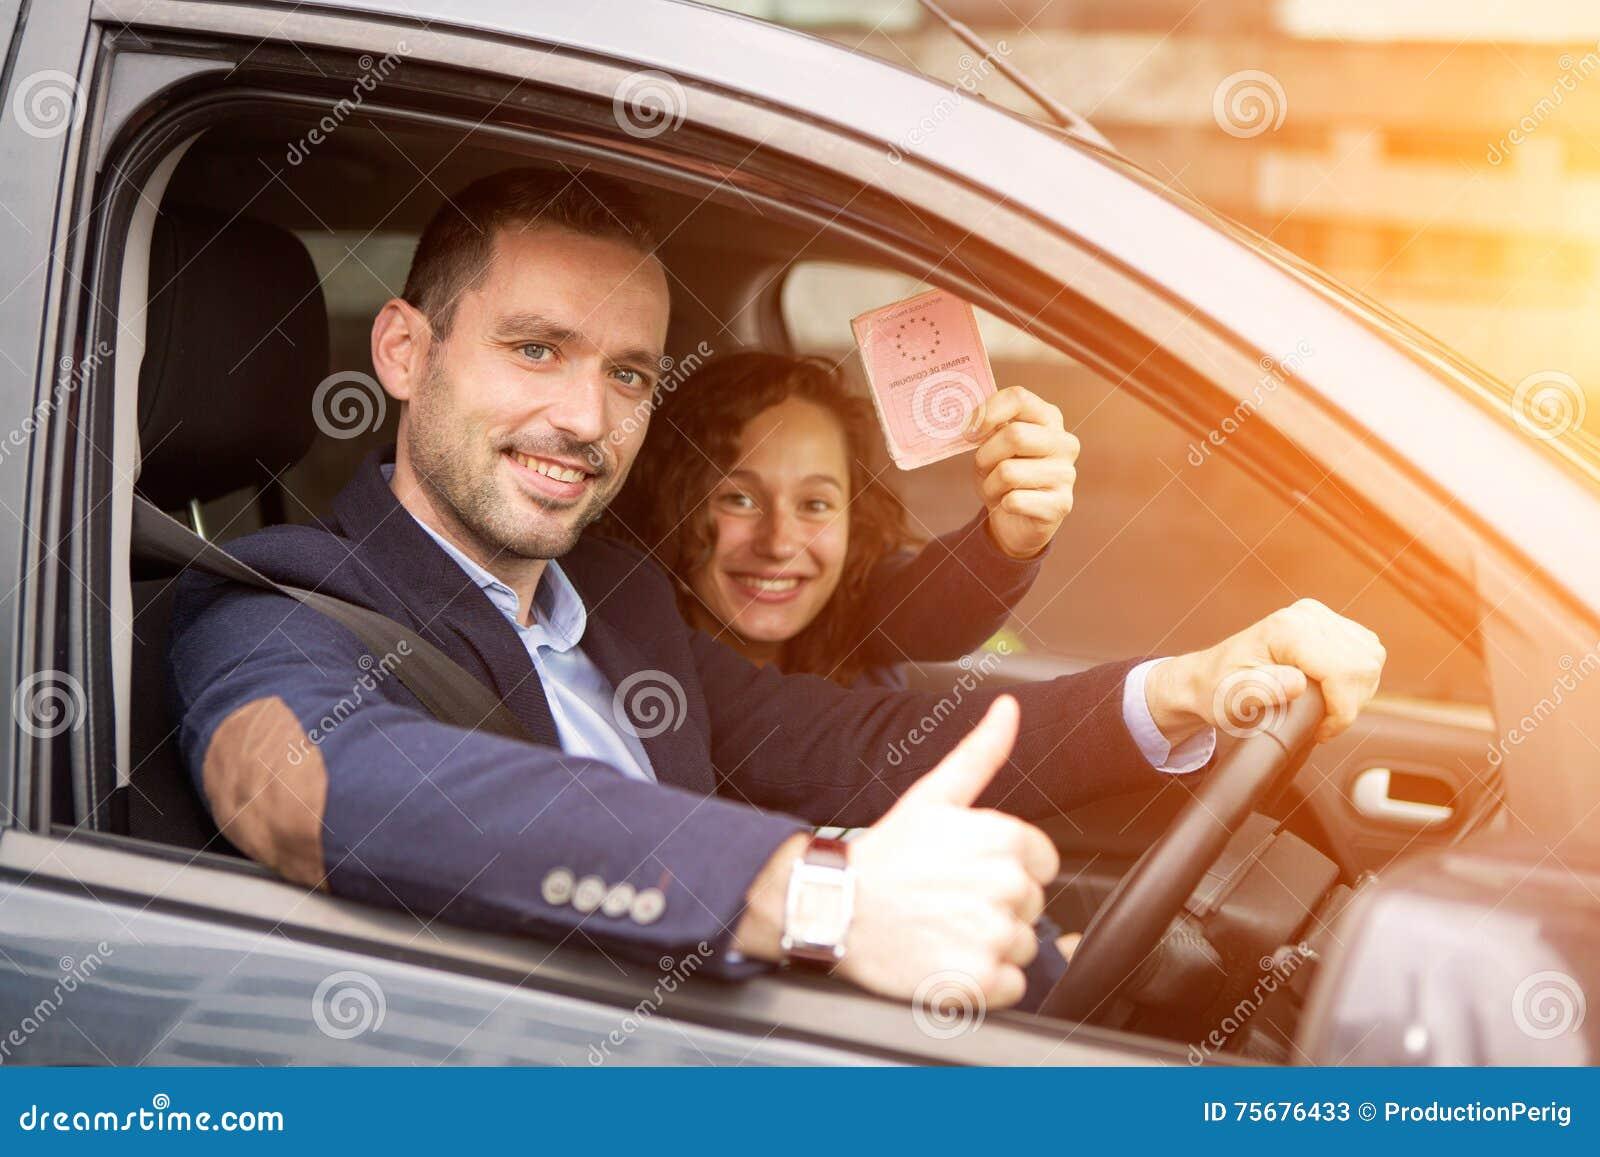 Νέο ζεύγος επιχειρησιακών ατόμων στο ολοκαίνουργιο αυτοκίνητό τους